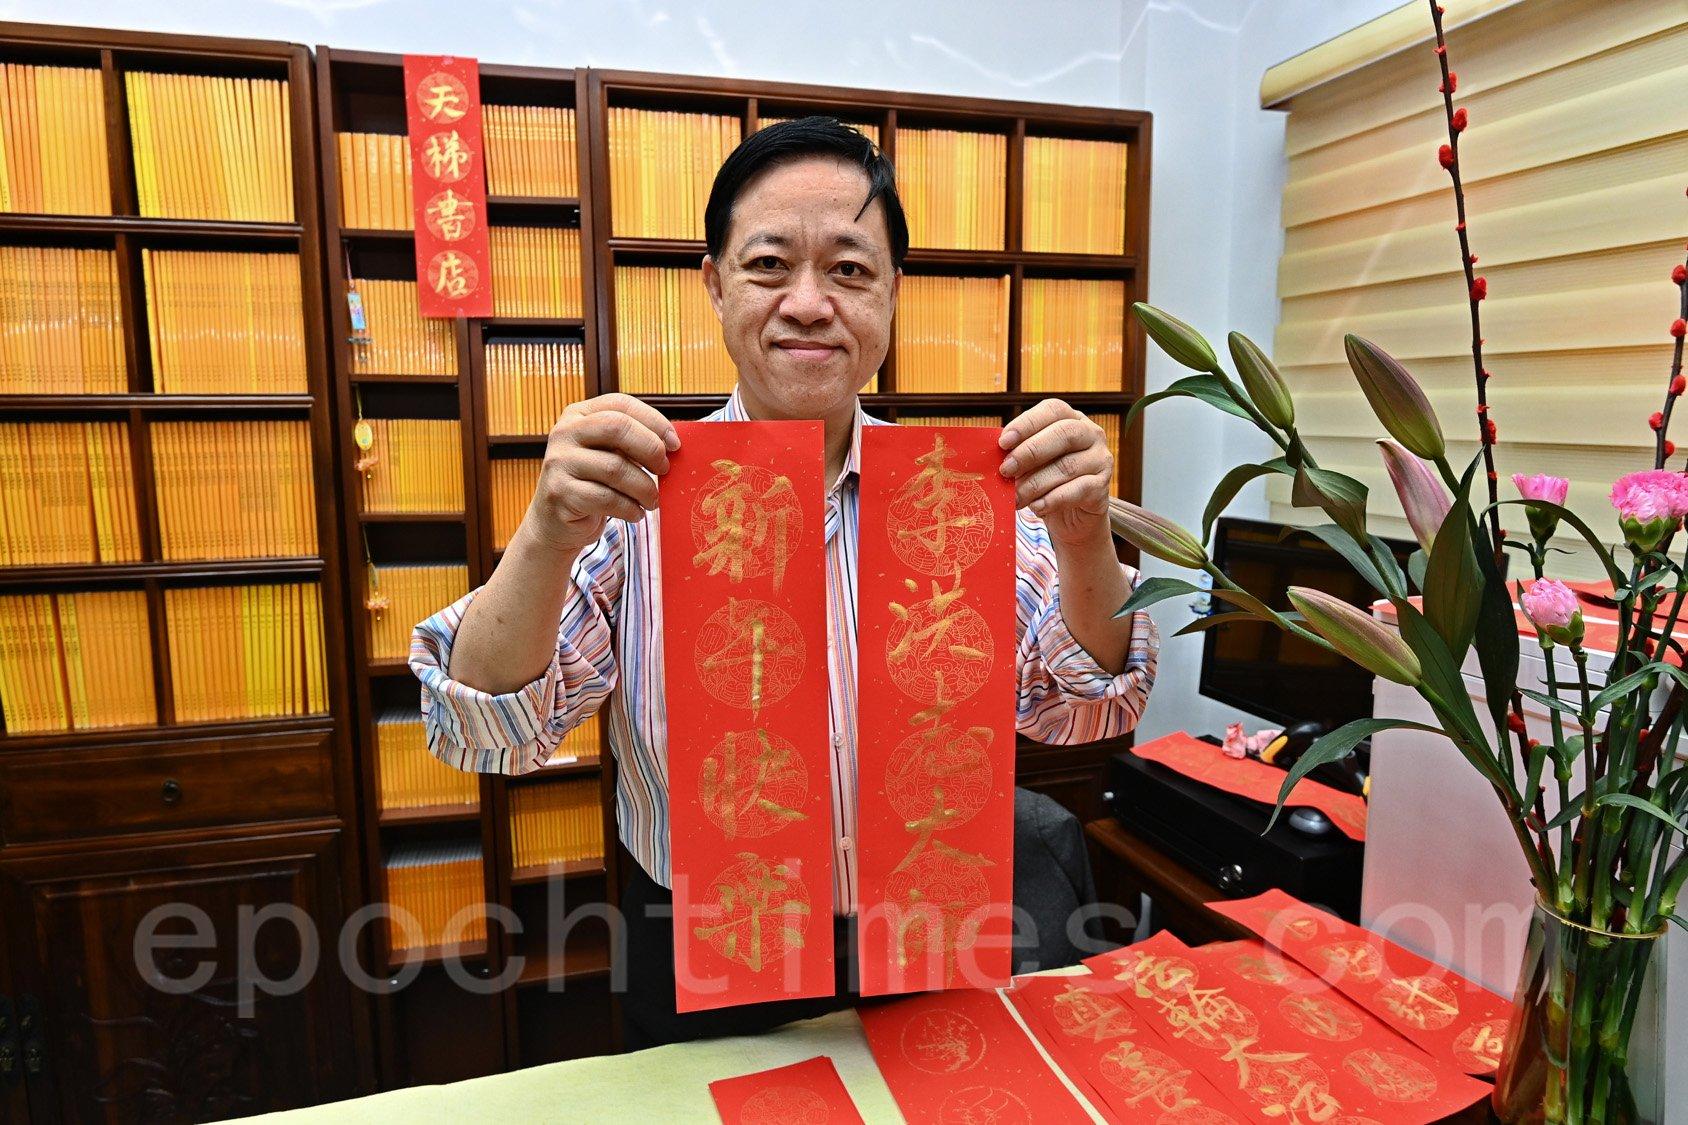 香港前區議員林咏然到天梯書店寫揮春,恭祝法輪功創始人李洪志大師新年快樂。(宋碧龍/大紀元)